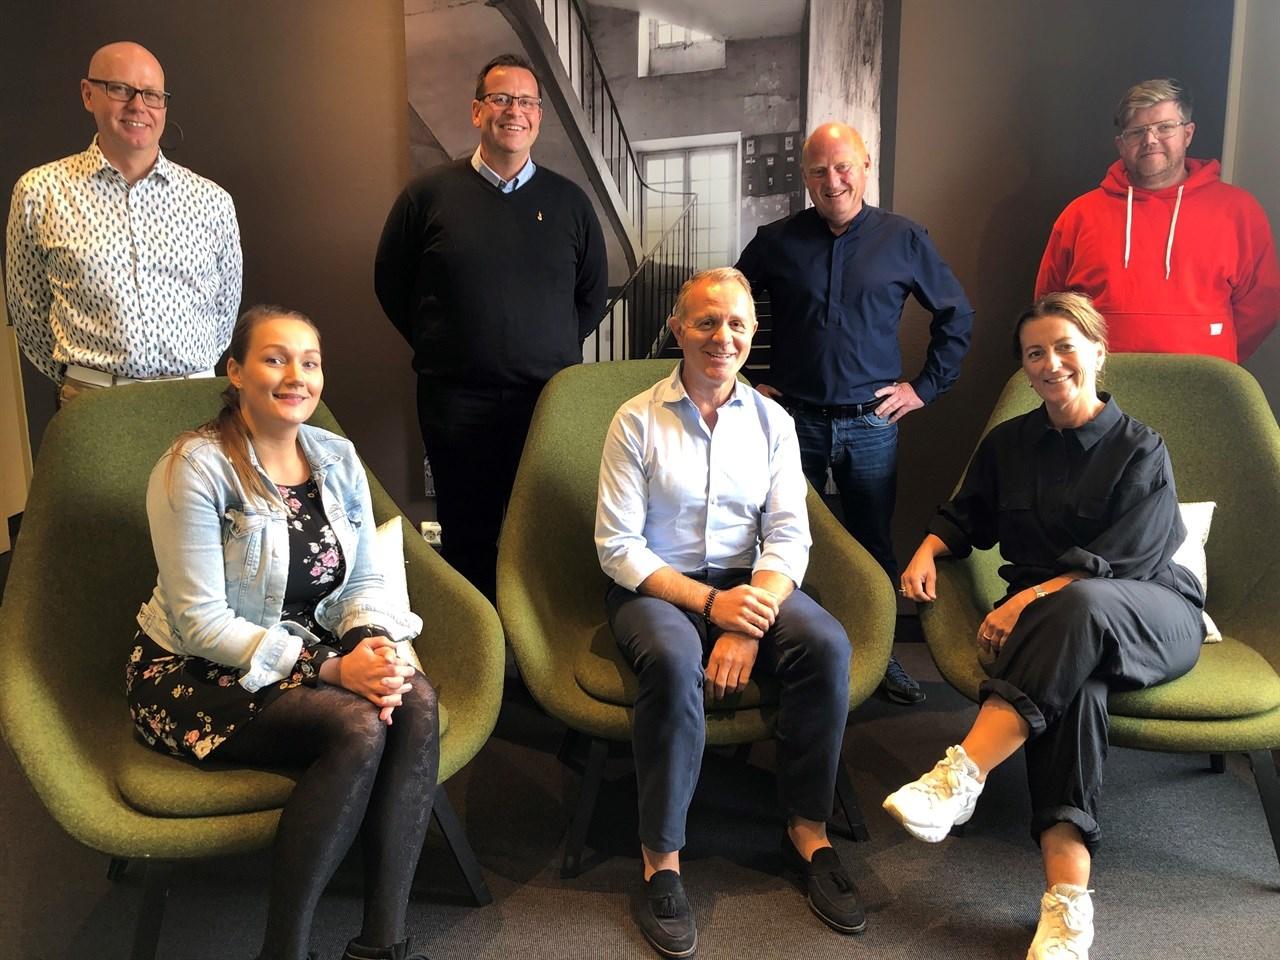 På det nye utvalgets første møte: Jan Kristian Pettersen (utvalgssekretær), Merethe Christensen, Ove Walderhaug, Espen Sævold (NFVB-president), Jørn Inge Næss (utvalgsleder), Kristin Sannum Berre og Peter Vonkunz Brun.